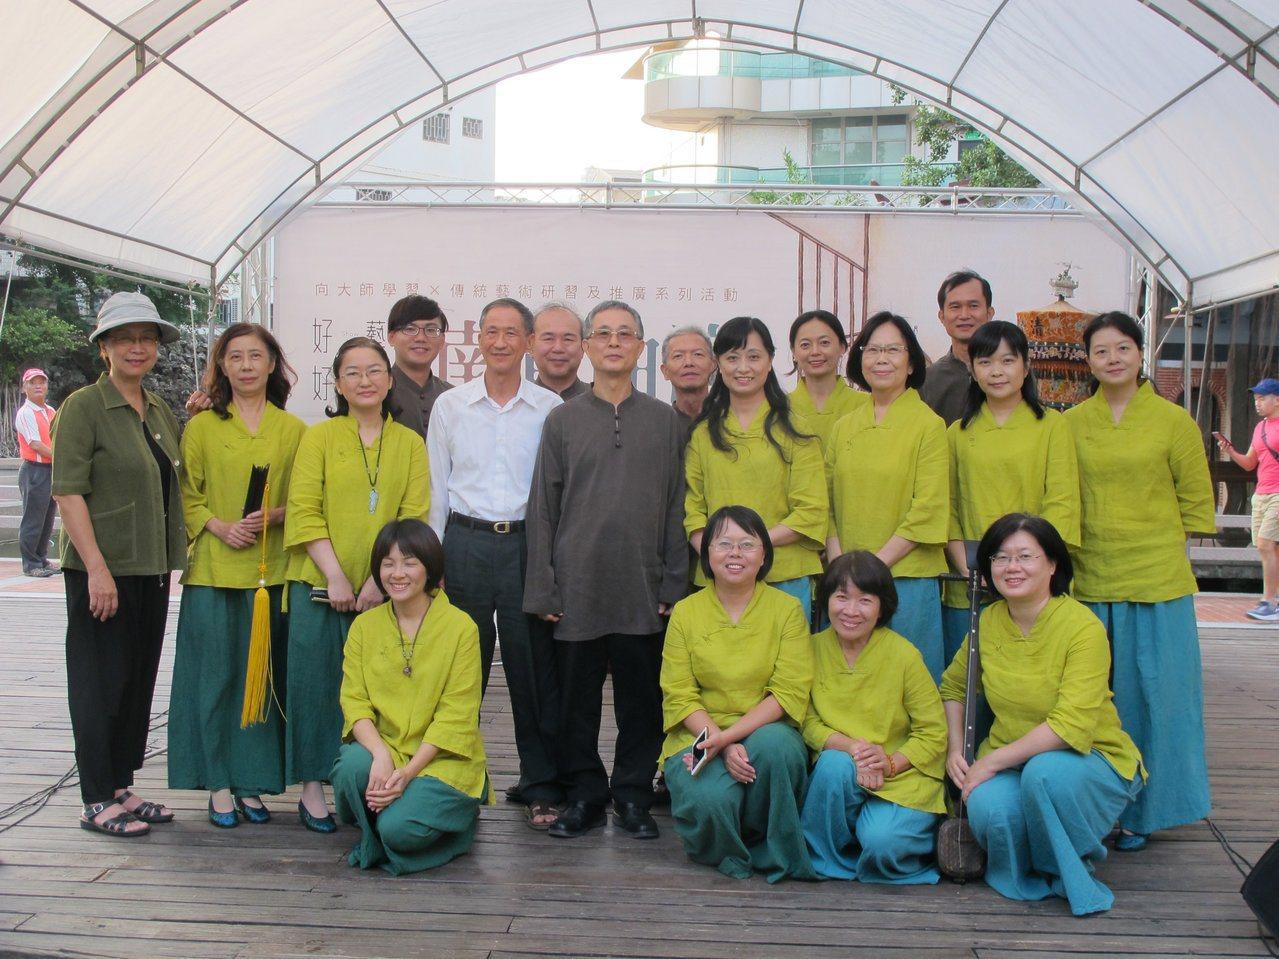 振聲社成員來自來自各行各業,因為對熱愛南管音樂而齊聚。圖/國立傳統藝術中心提供